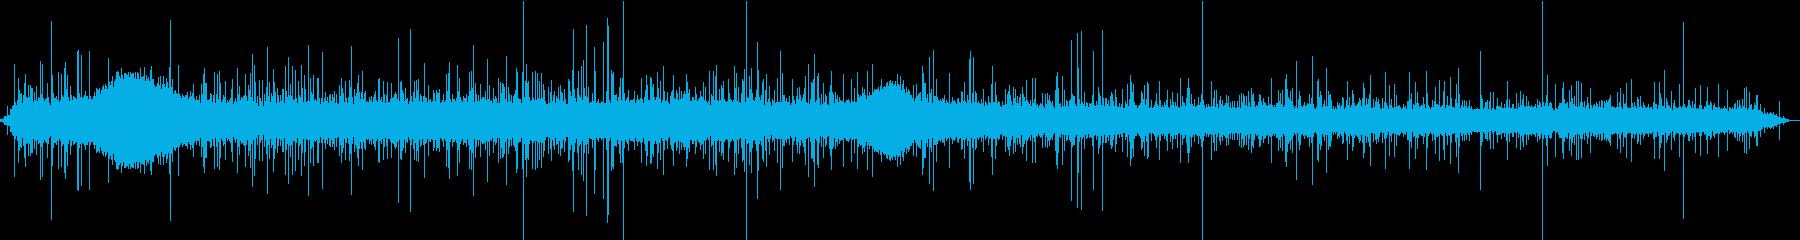 【生録音】美しい雨の音 3の再生済みの波形